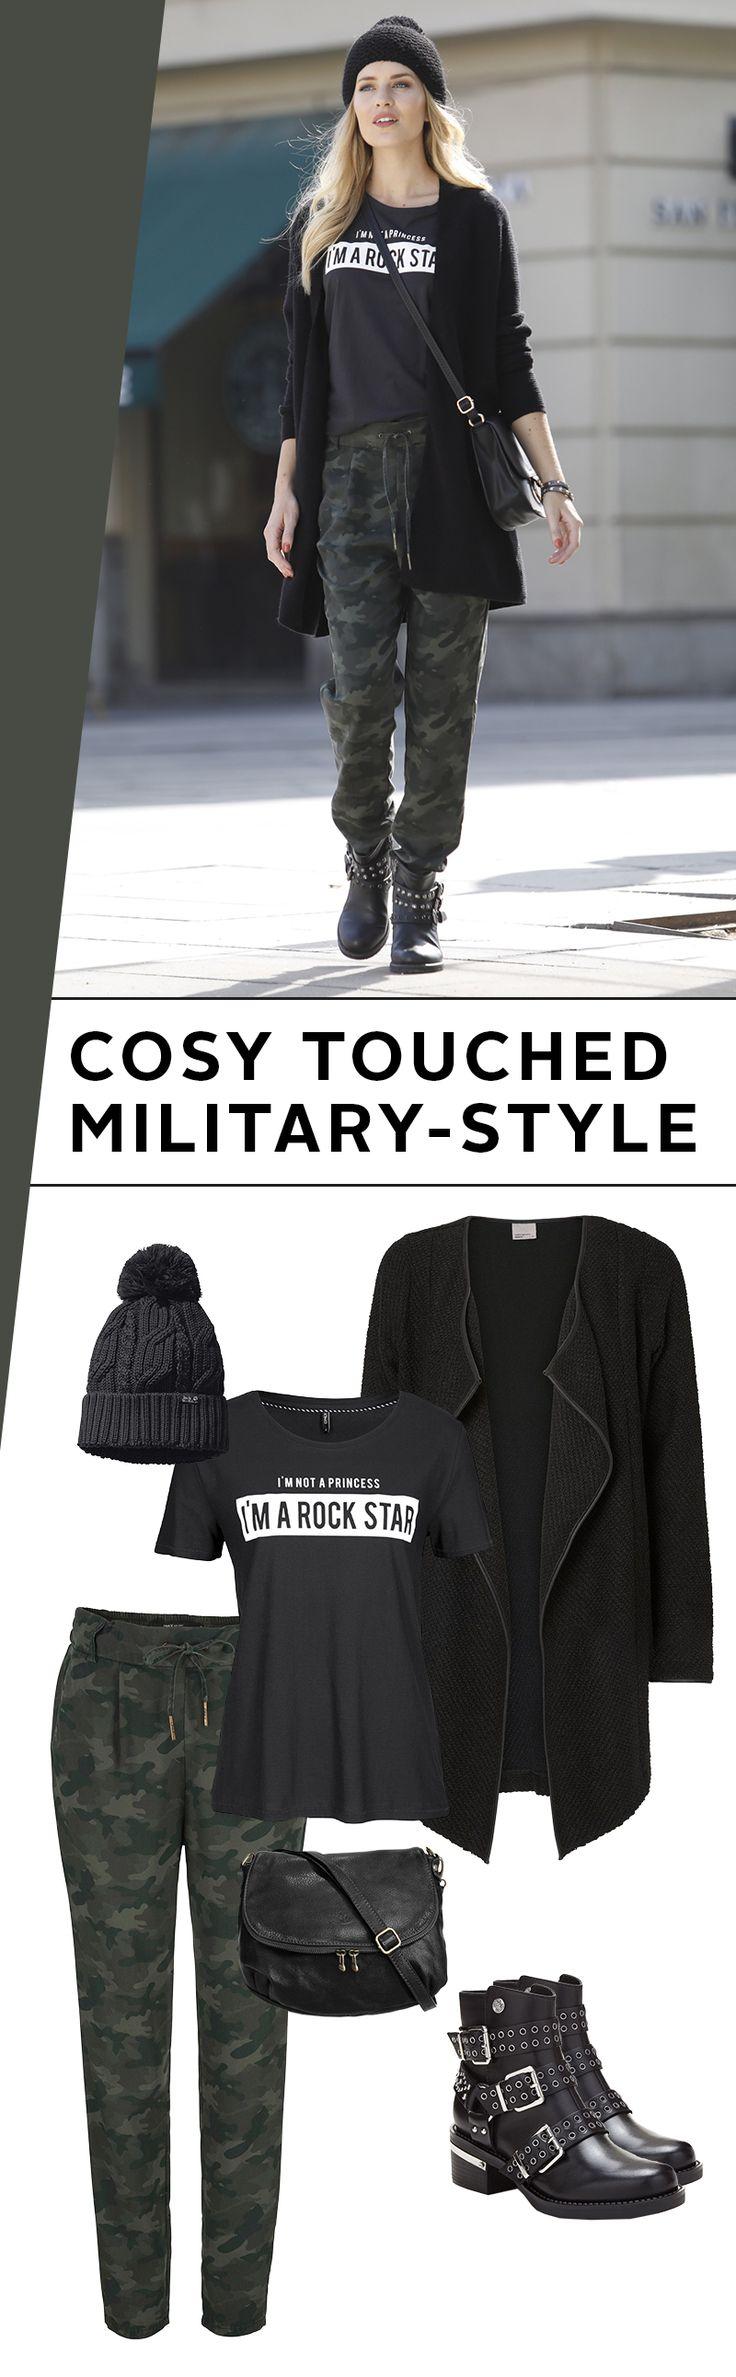 Stillgestanden? Nee, mach`s dir lieber ganz bequem! Die Chino im Camouflage-Look trifft auf Nietenboots, Shirt und Longstrickjacke. Die Pudelmütze passt perfekt zum Herbst. Alles in allem ultra bequem und trotzdem mittendrin im angesagten Military-Trend.